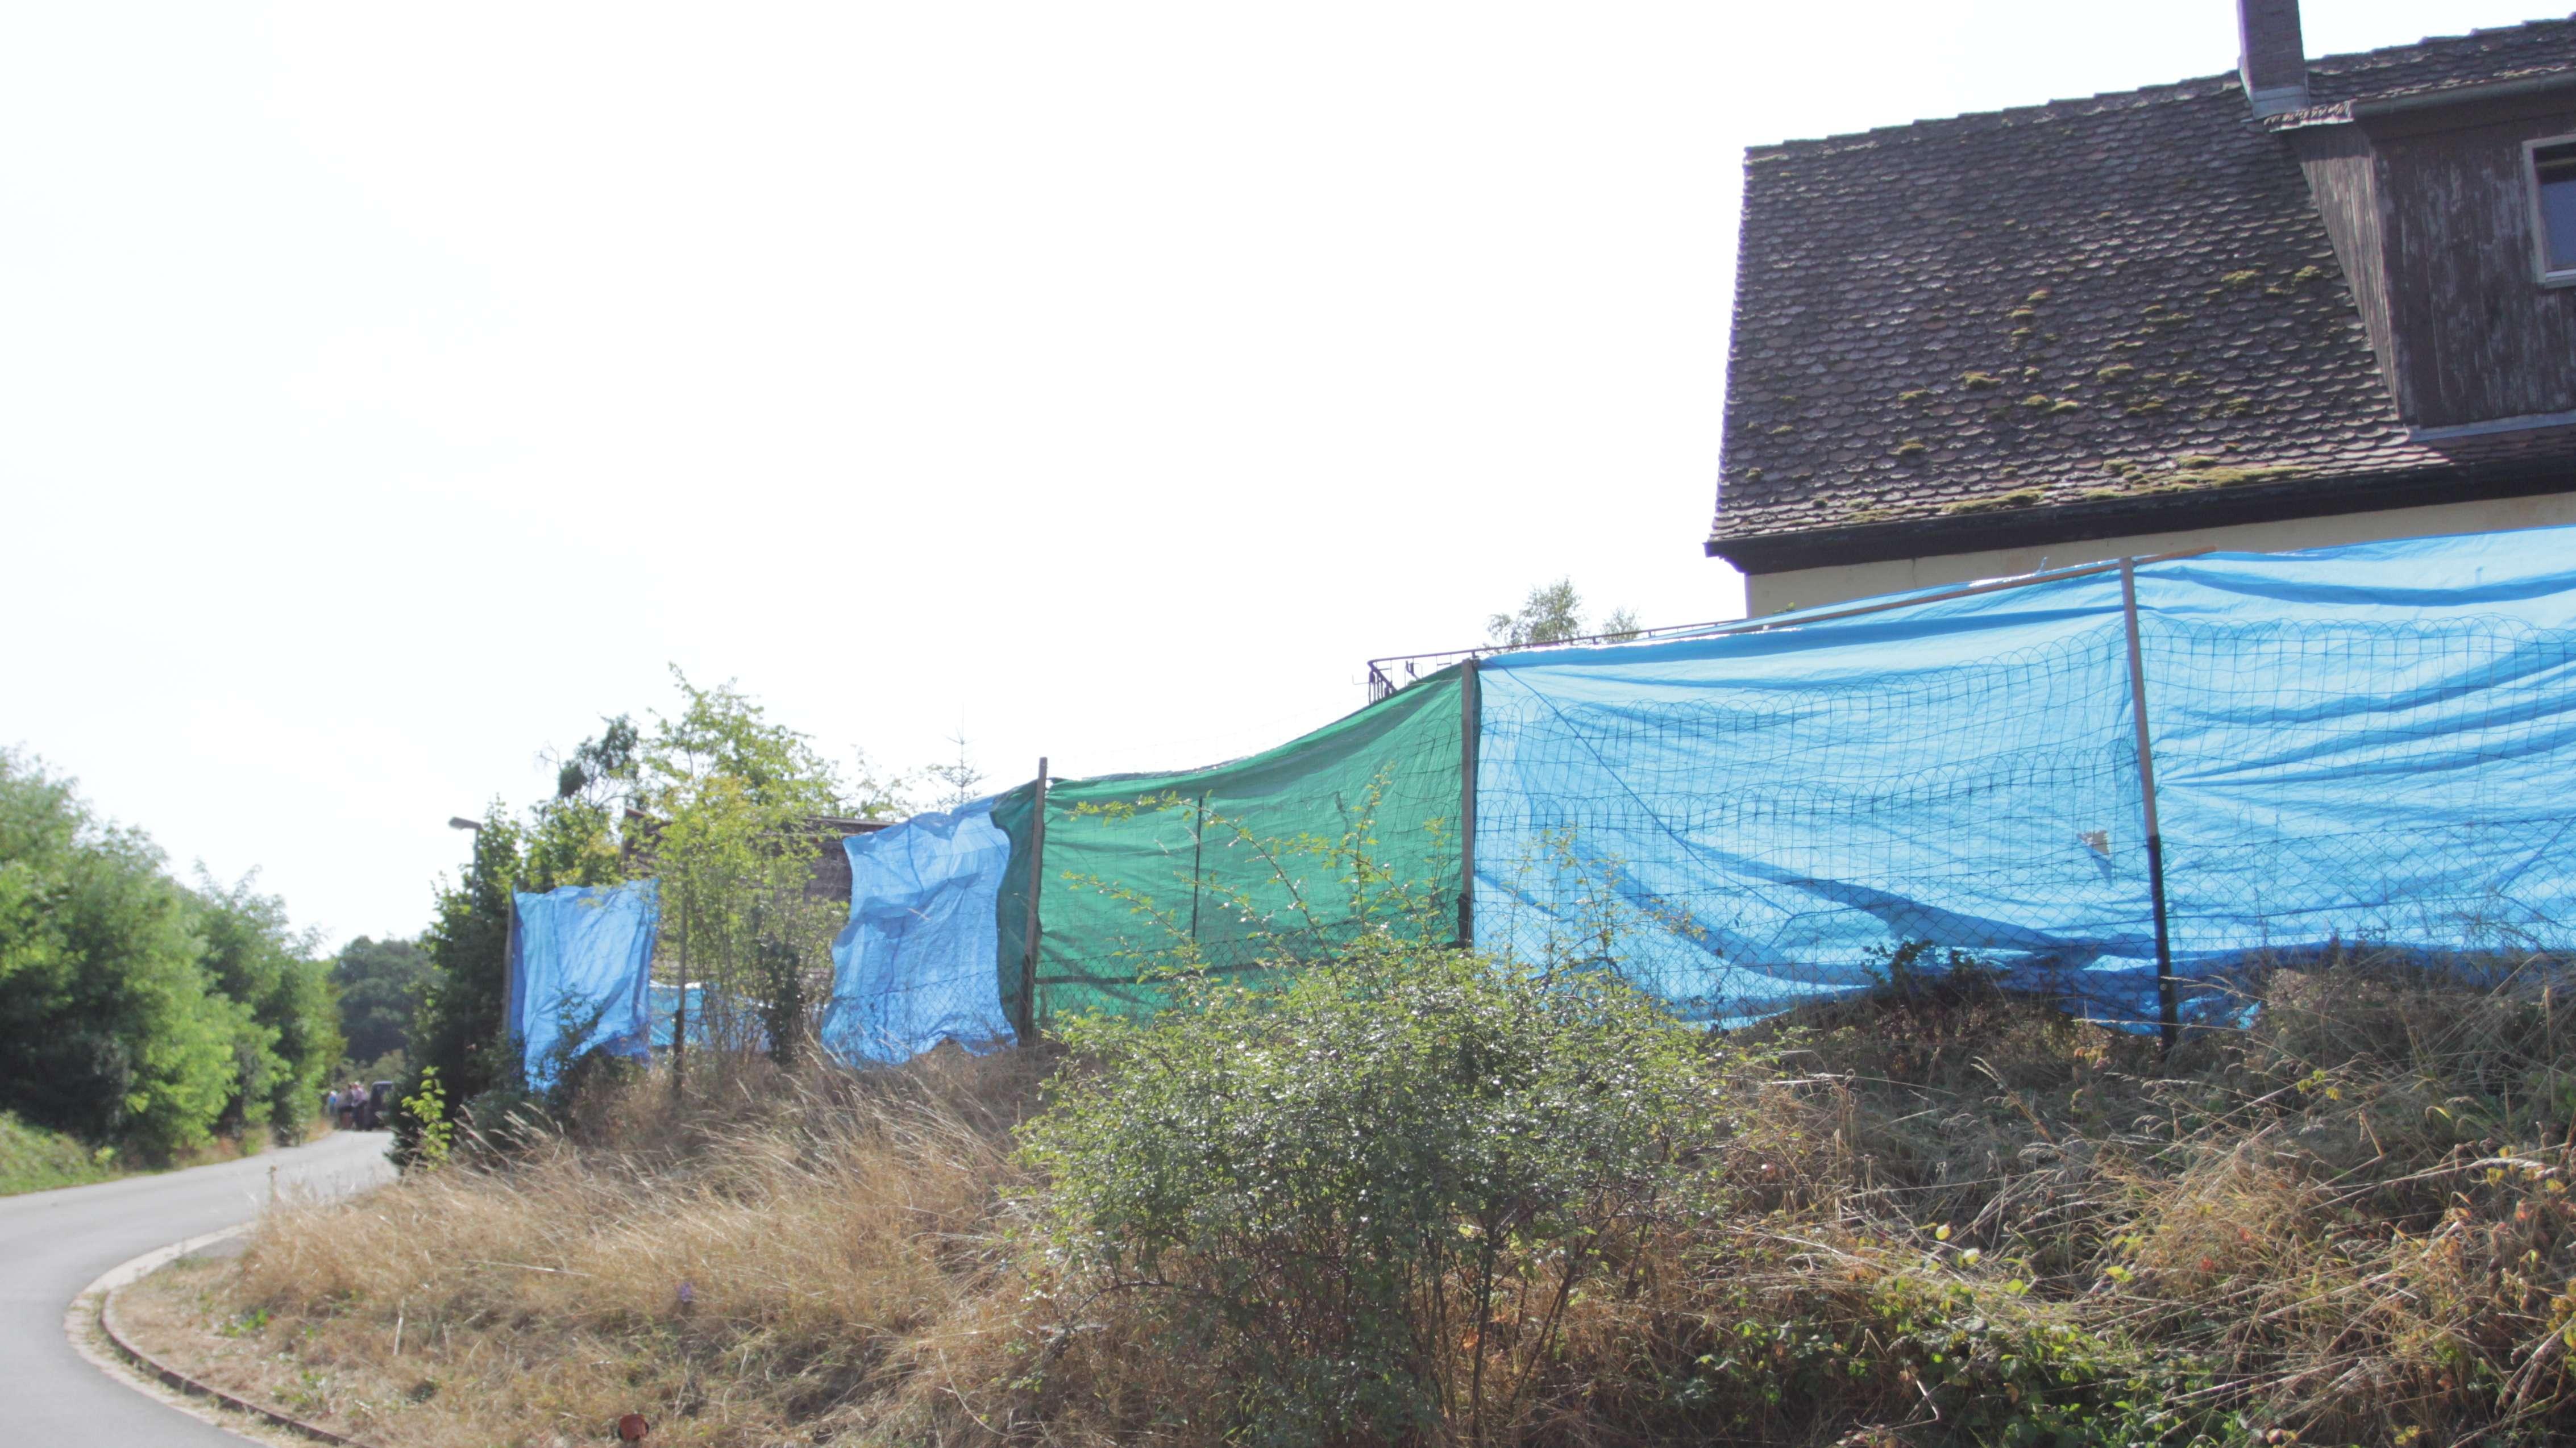 Mit Planen verhüllter Zaun vor einem Haus